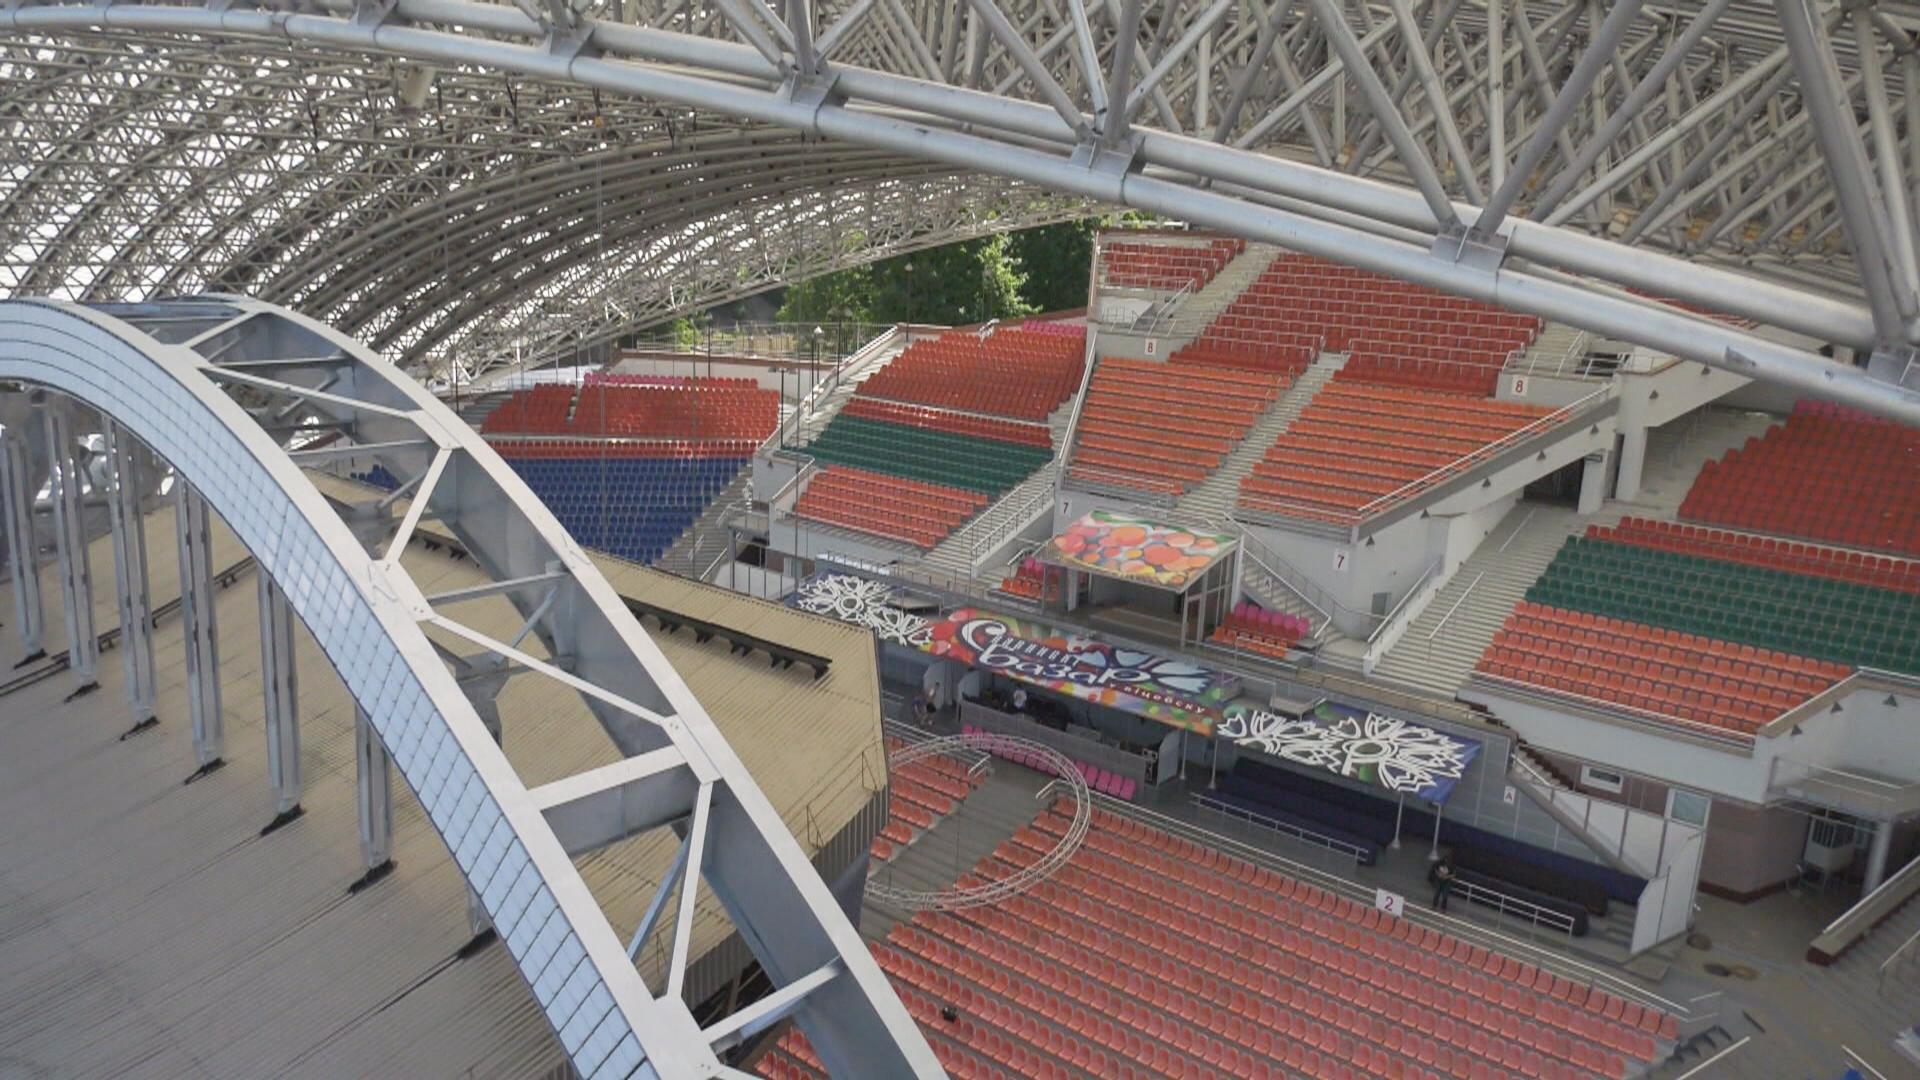 amfiteatr - Ровно через неделю в Витебске состоится открытие «Славянского базара» (видео)